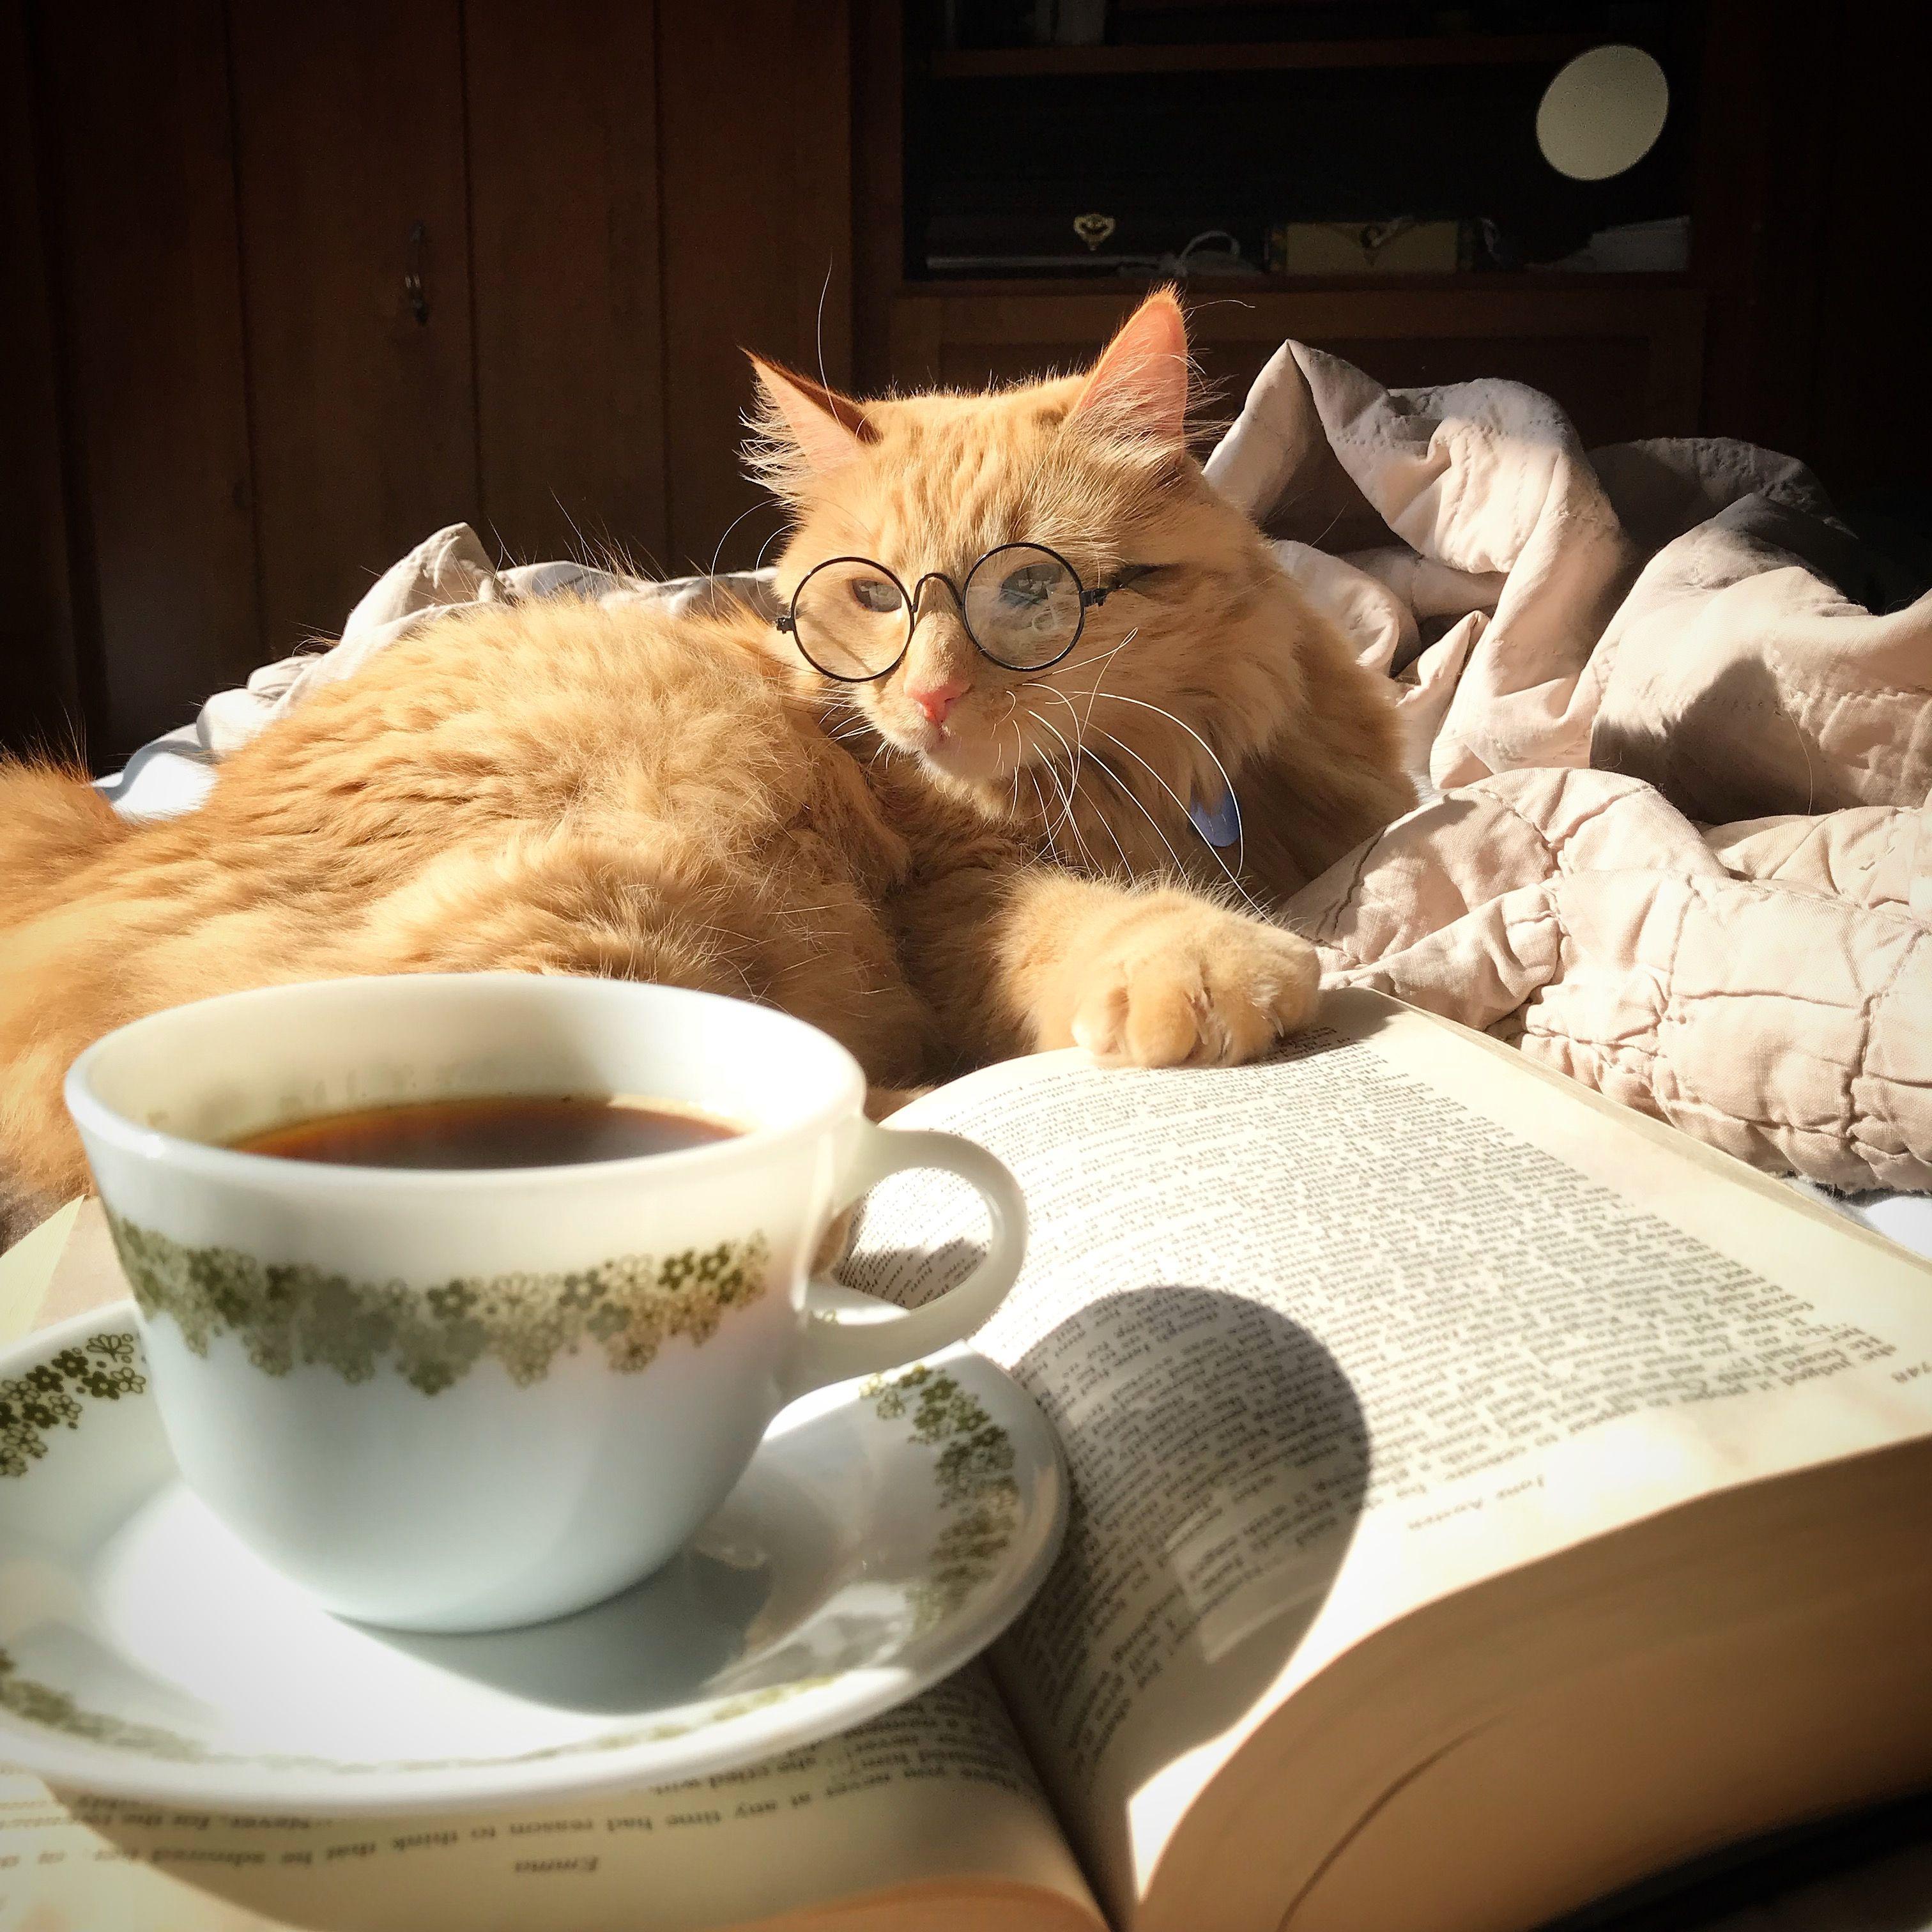 доброе утро с кофе и котиком картинки подходит концу